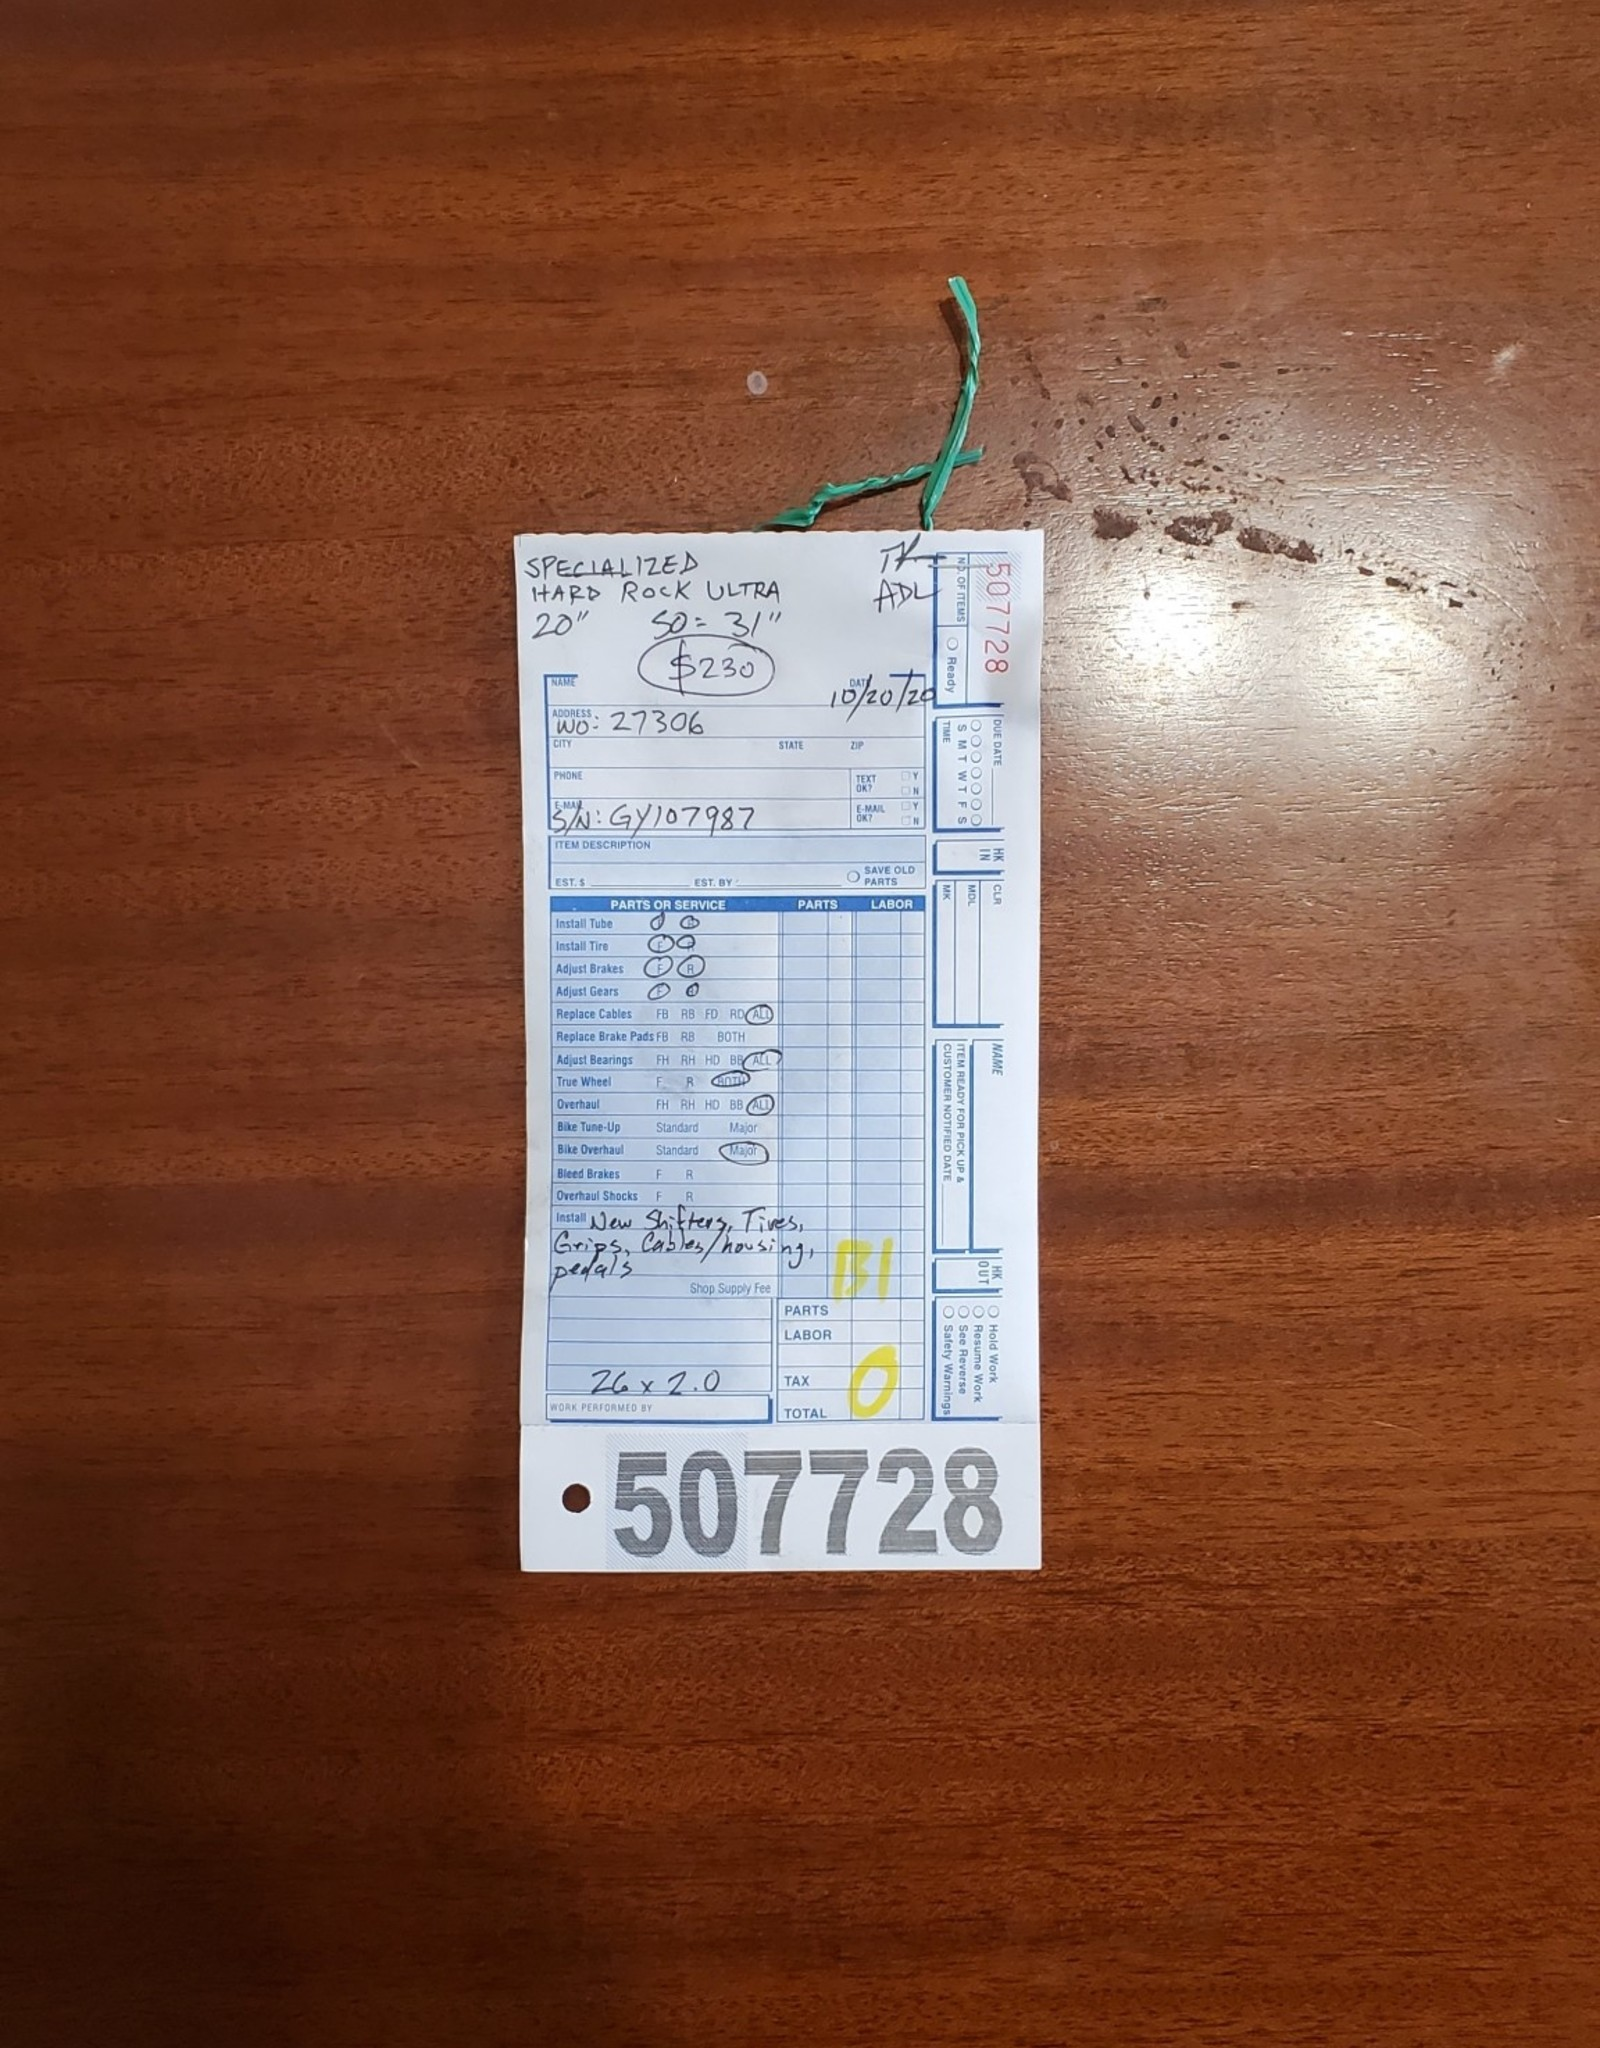 """20"""" Specialized Hardrock Ultra (9787 B1U)"""